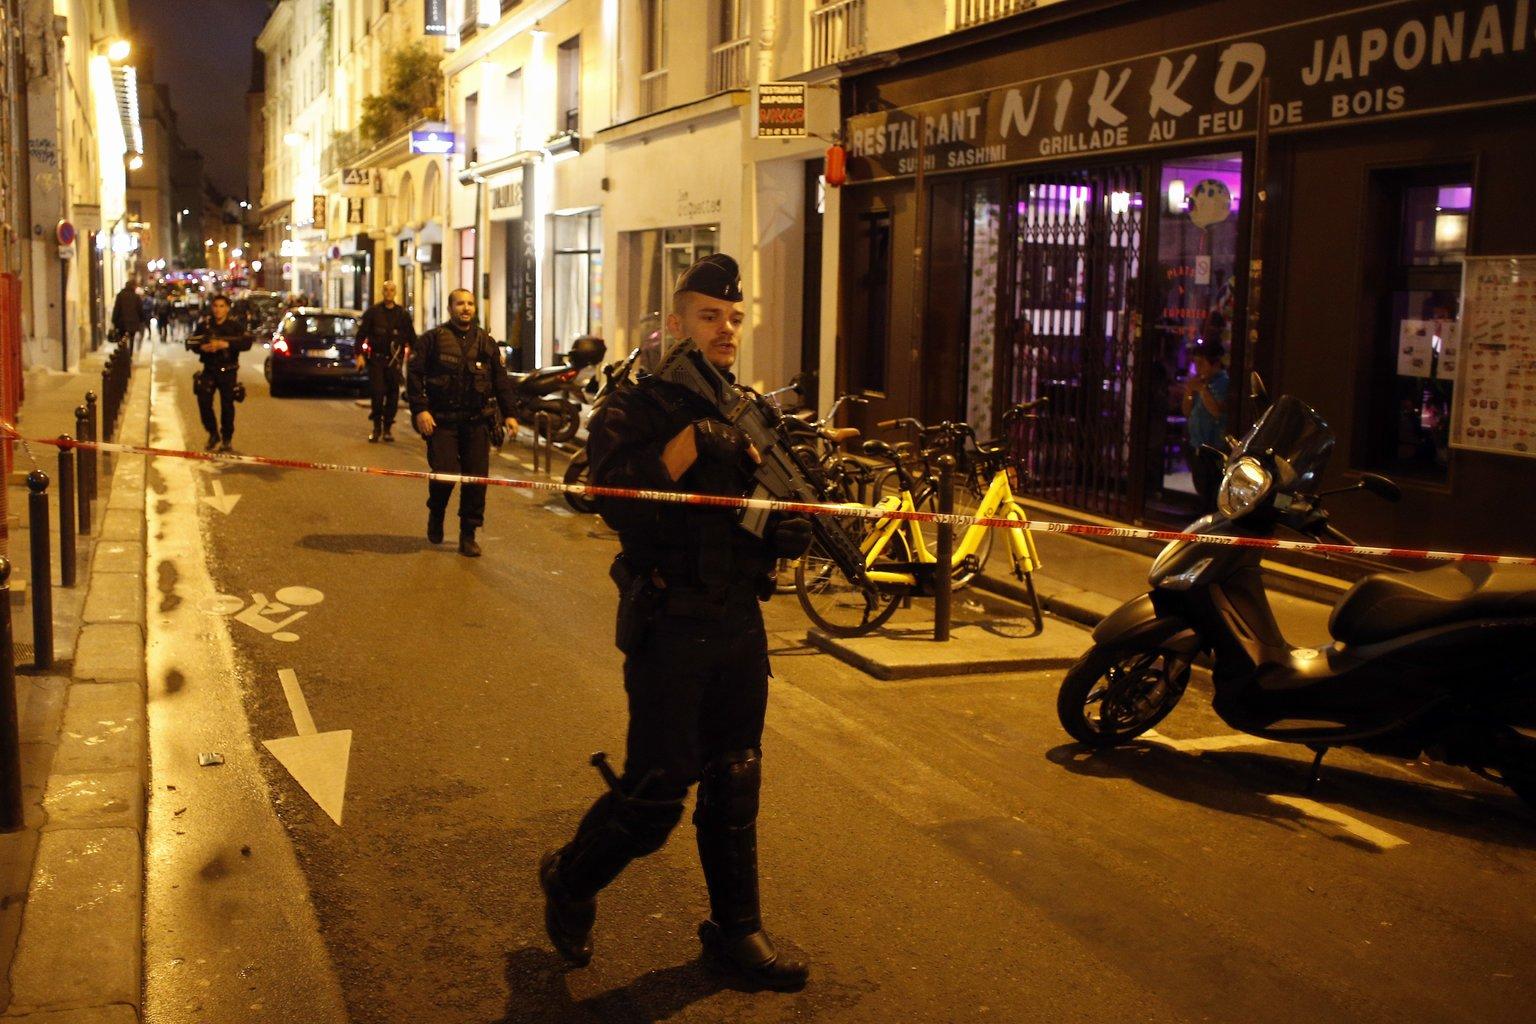 Rendőrök egy lezárt utcaszakaszon Párizs belvárosában, ahol egy férfi késsel járókelőkre támadt 2018. május 12-én. A támadó egy embert megölt, többeket megsebesített, mielőtt a rendőrök lelőtték. (MTI/AP/Thibault Camus)